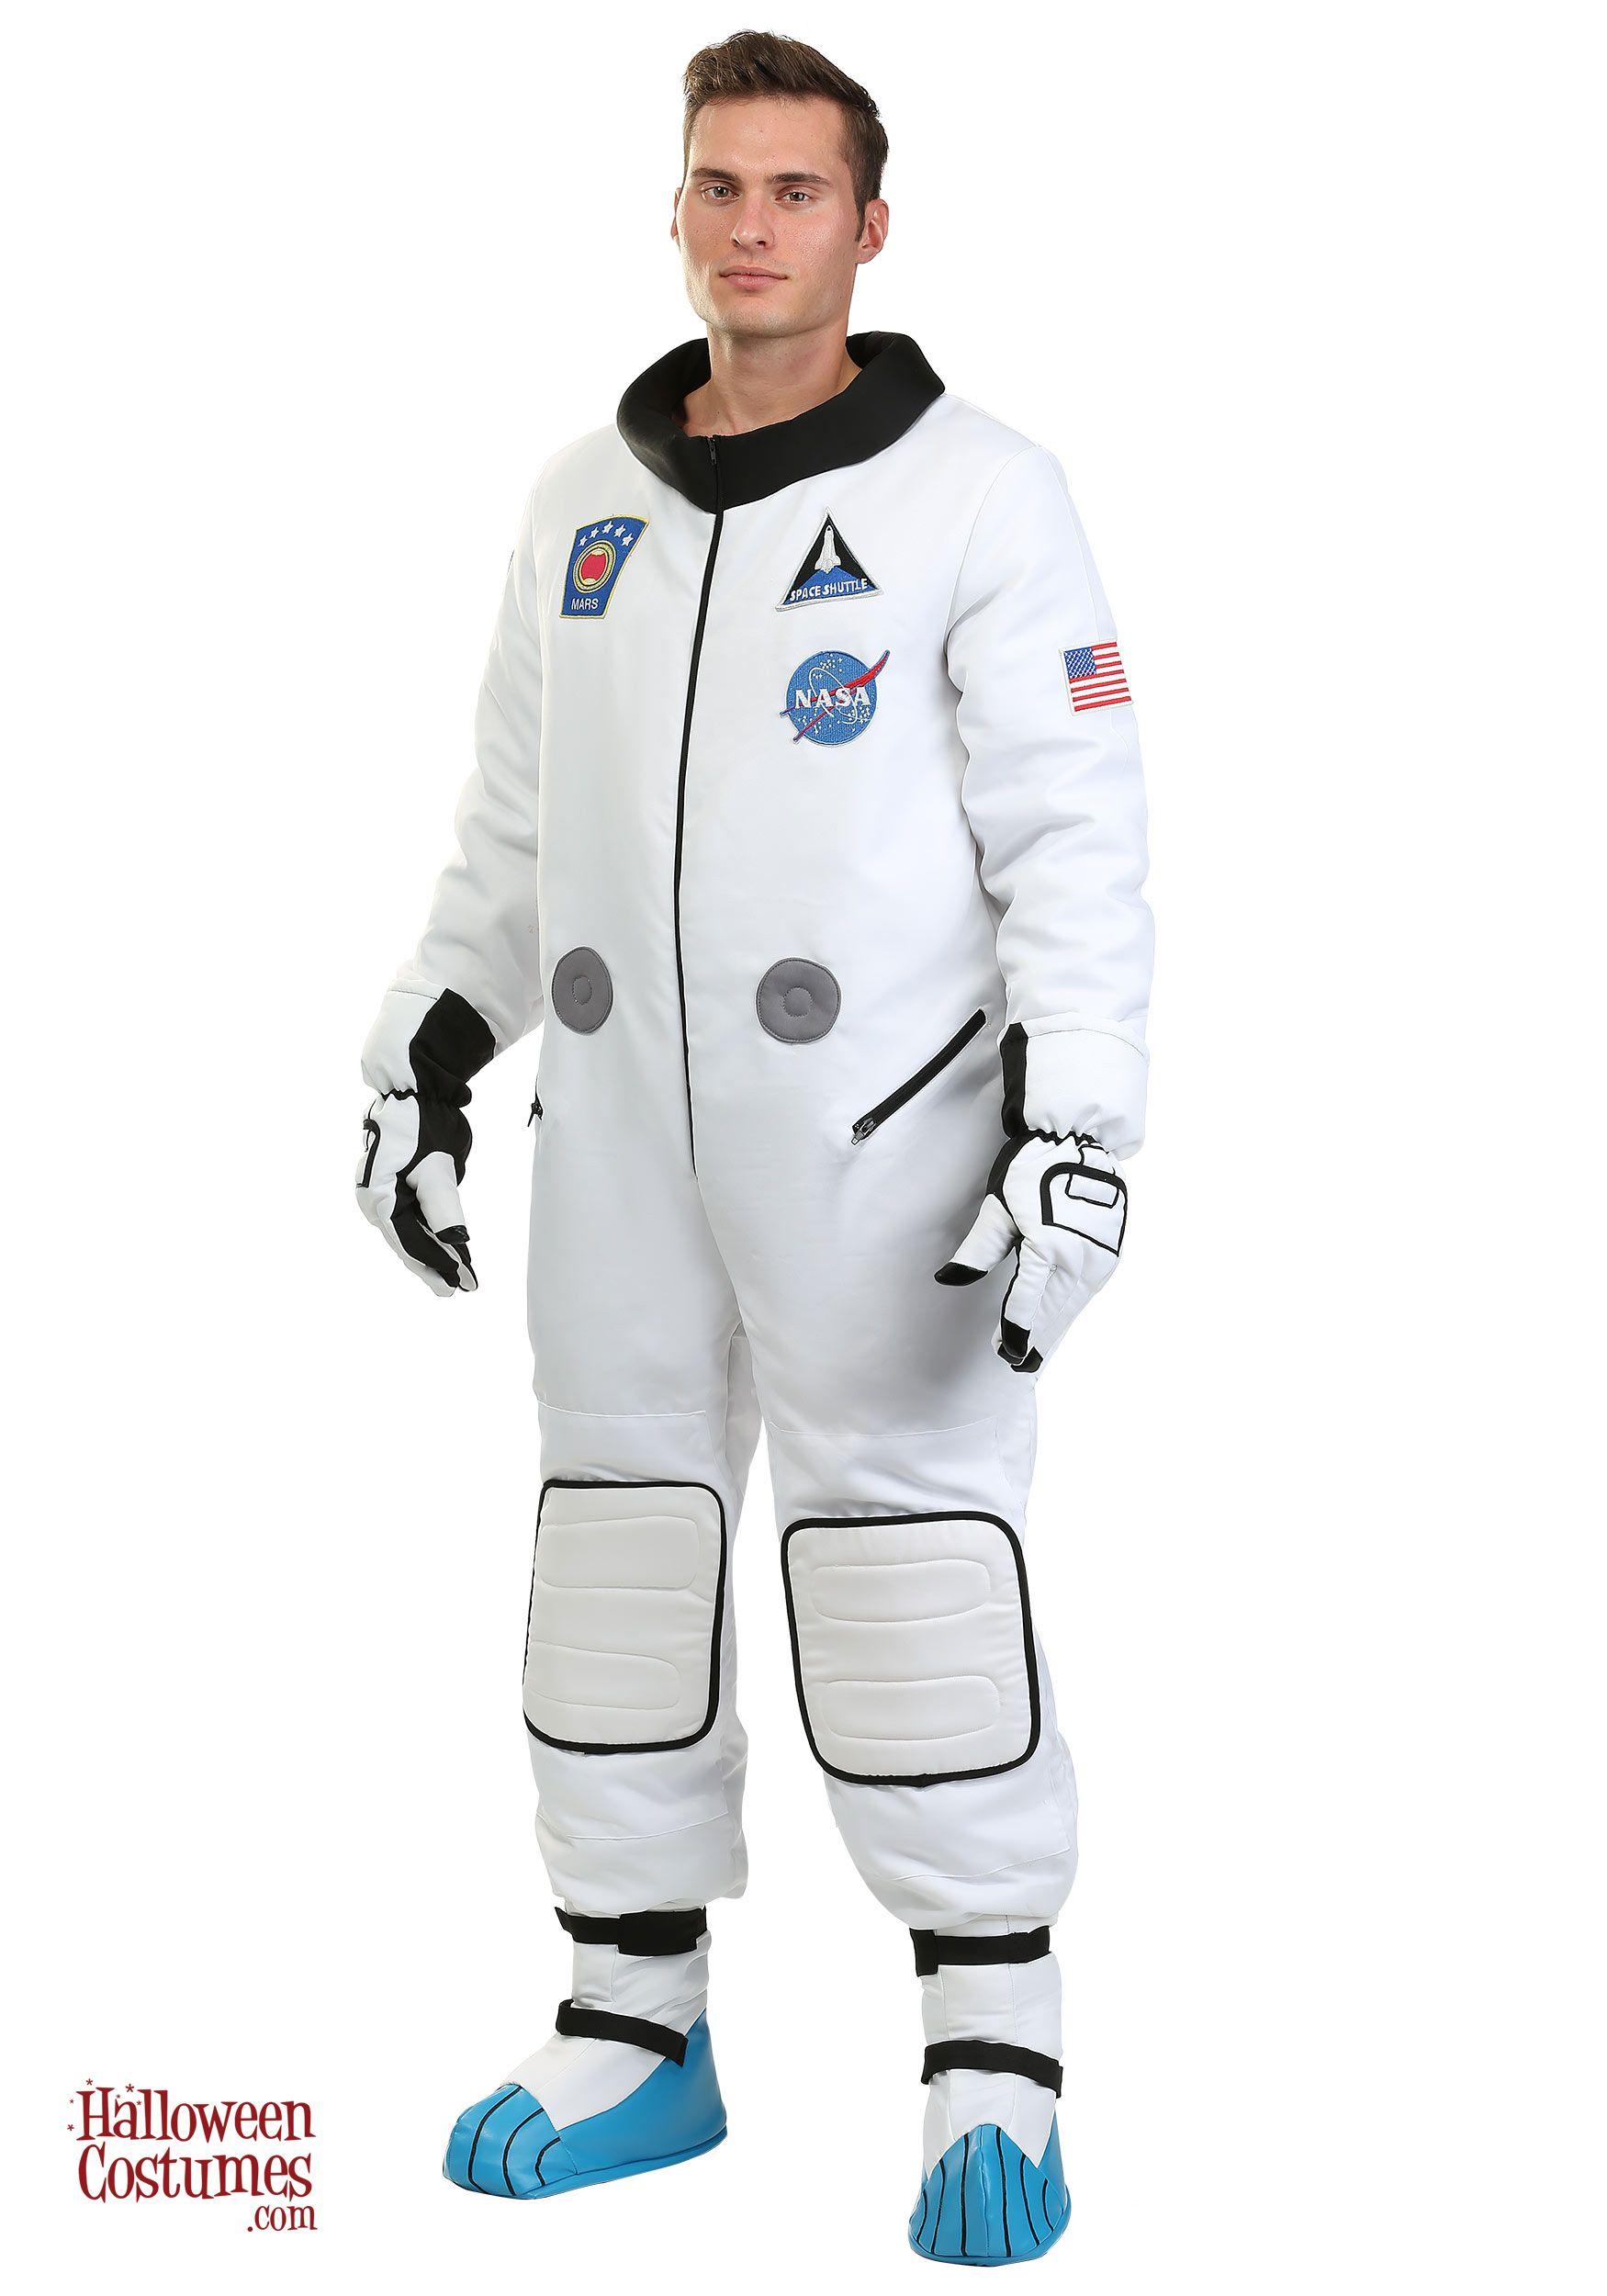 Men's Deluxe Astronaut Costume Exclusive Astronaut